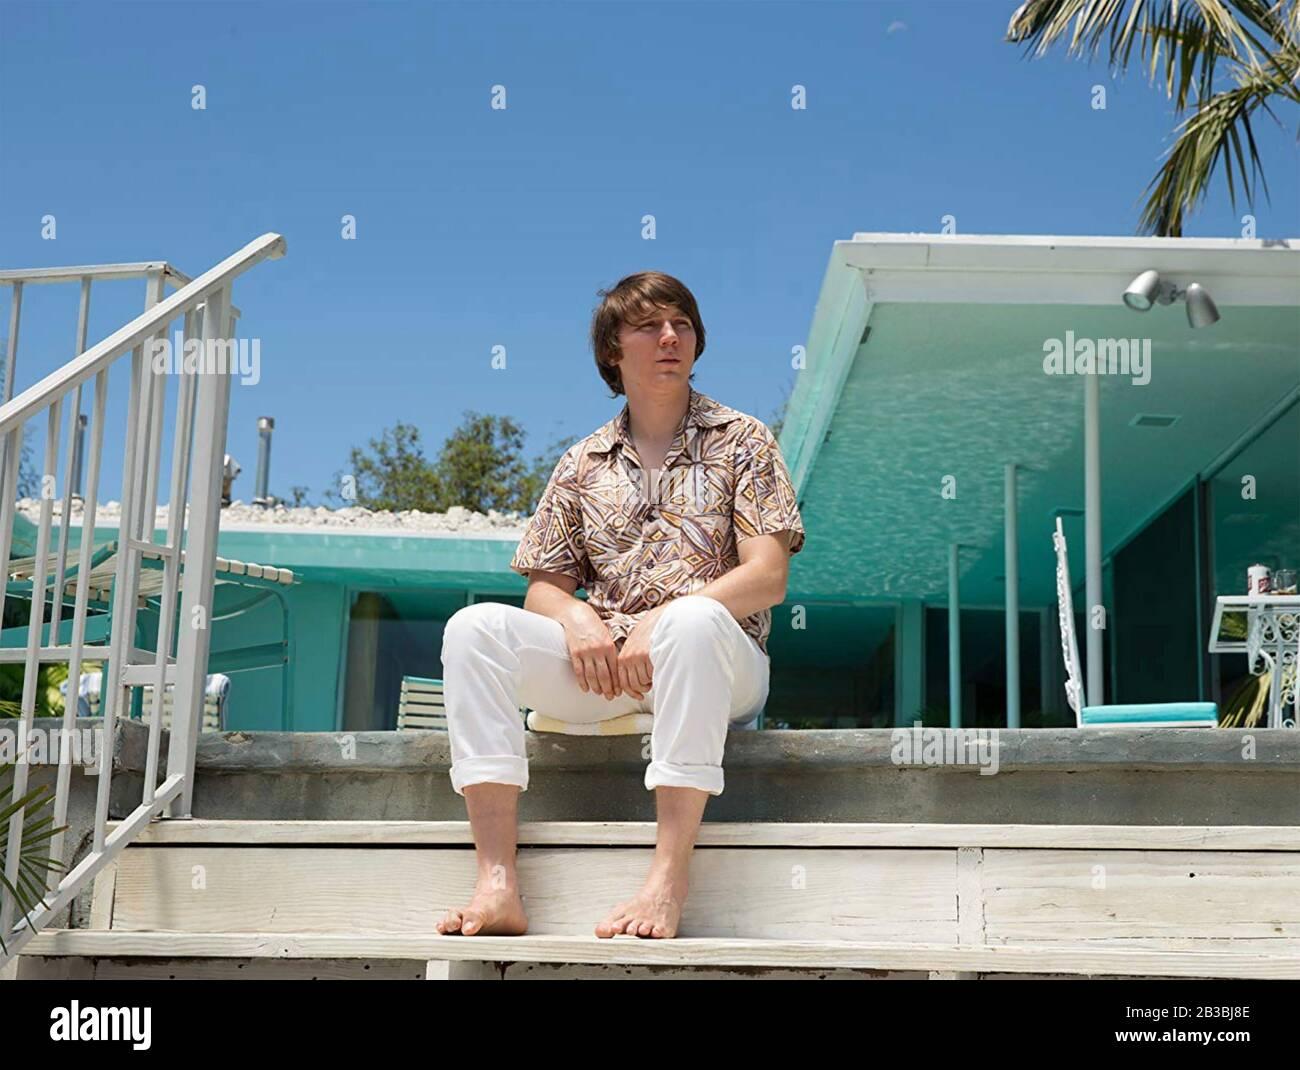 Amor Y MISERICORDIA 2014 Lionsgate película con Paul Dano Foto de stock